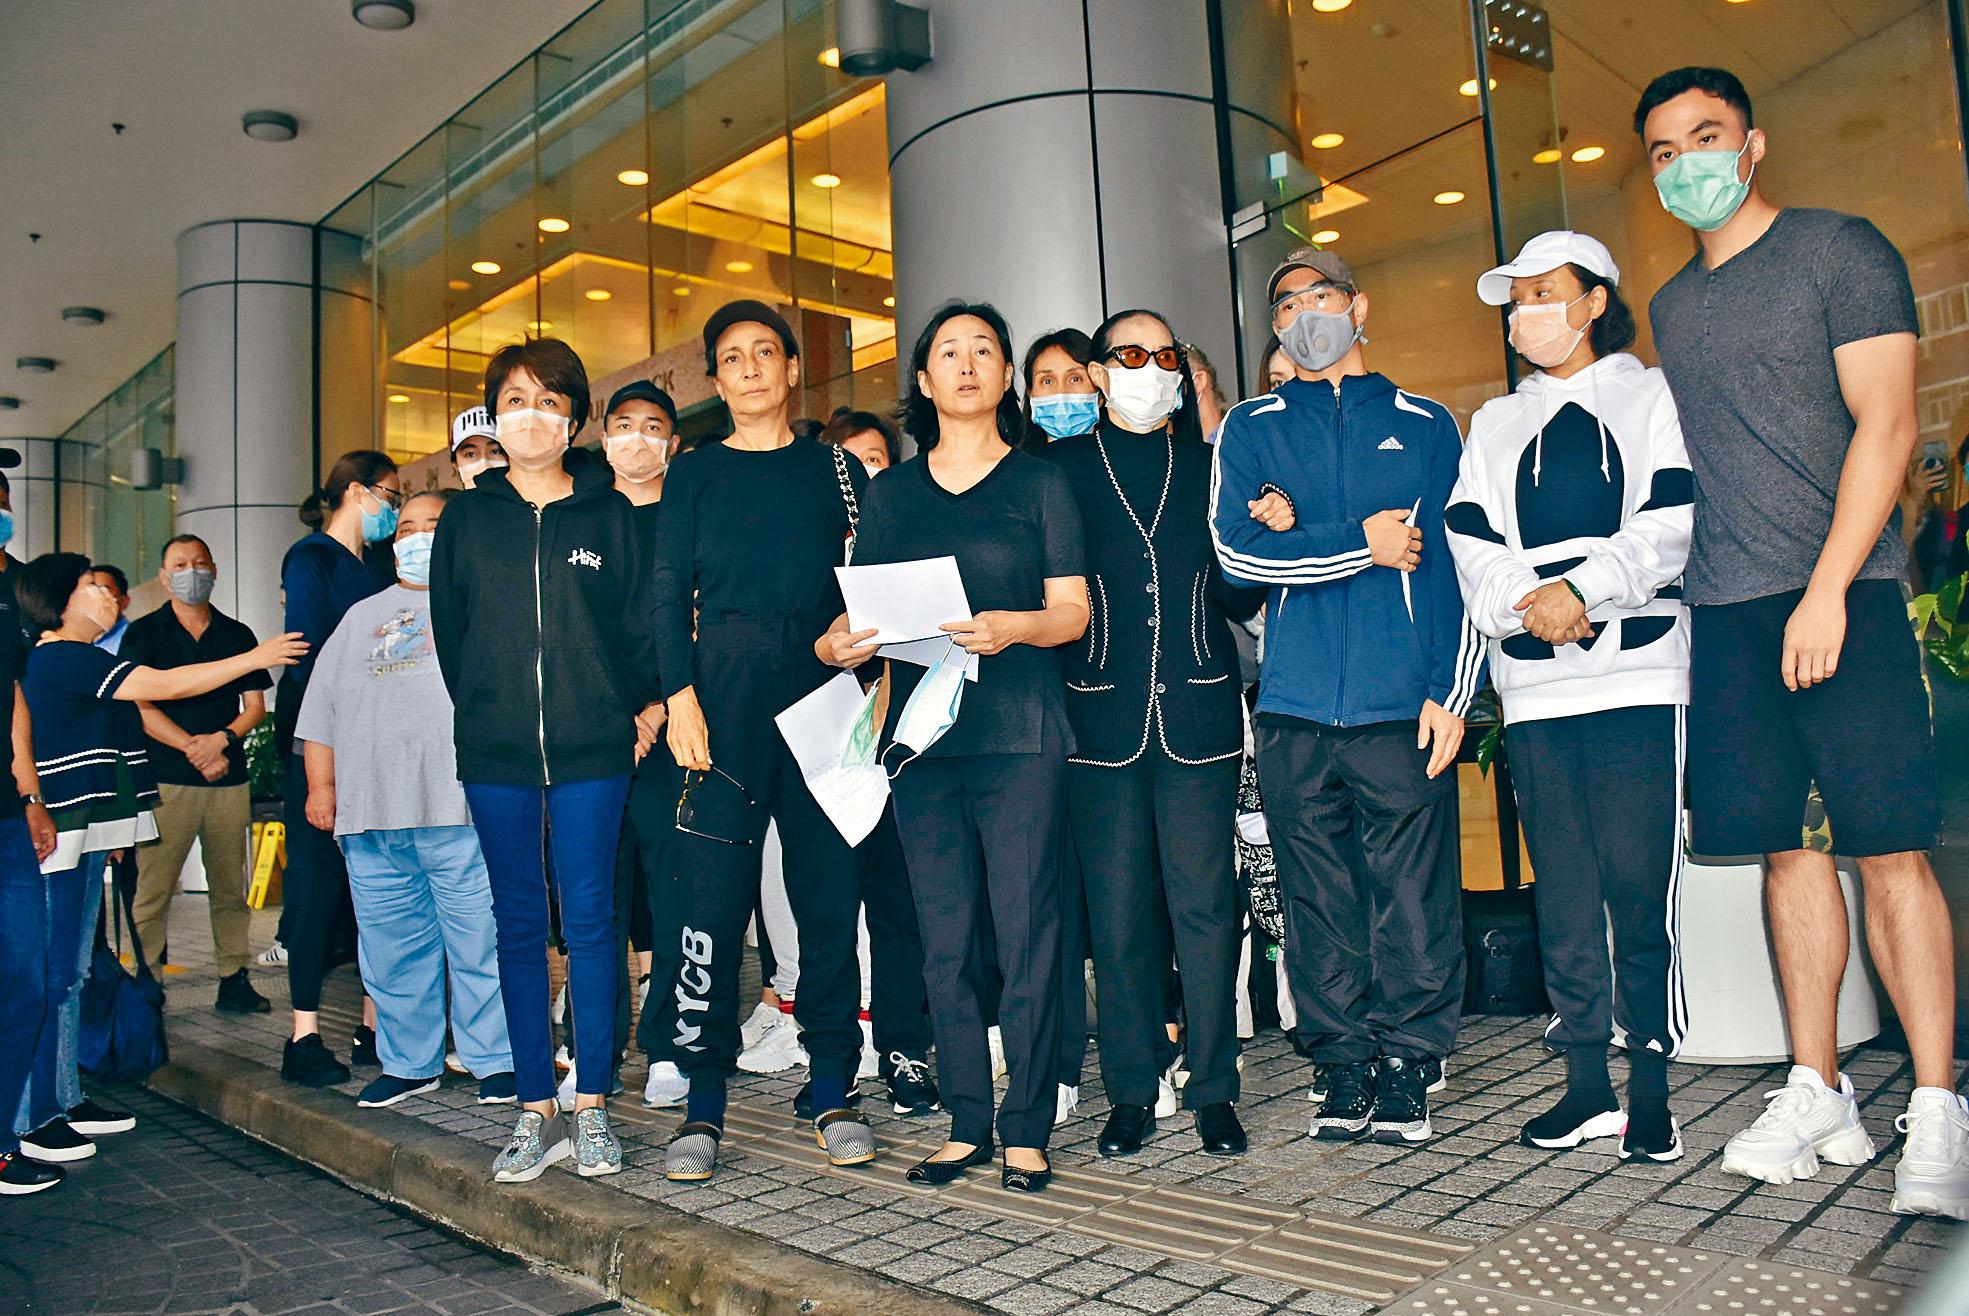 何鴻燊家人在醫院門外宣布死訊。娛樂組攝